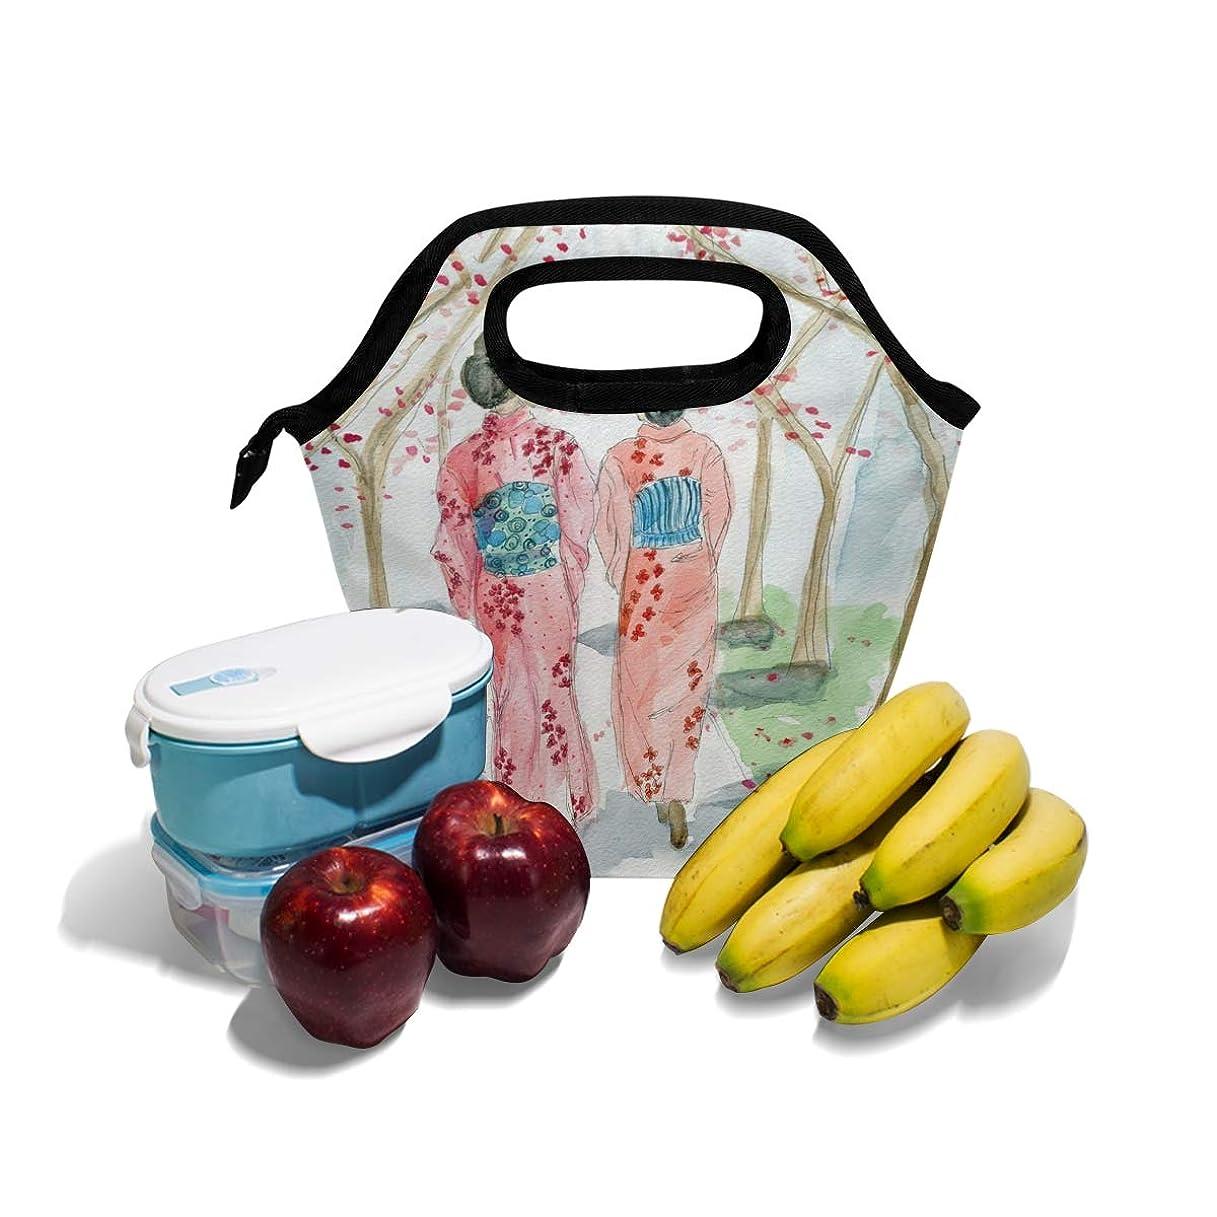 限られた予想する記事CW-Story 桜の女 保冷バッグ ランチバッグ 保冷バック ランチバック お弁当袋 お弁当 大容量